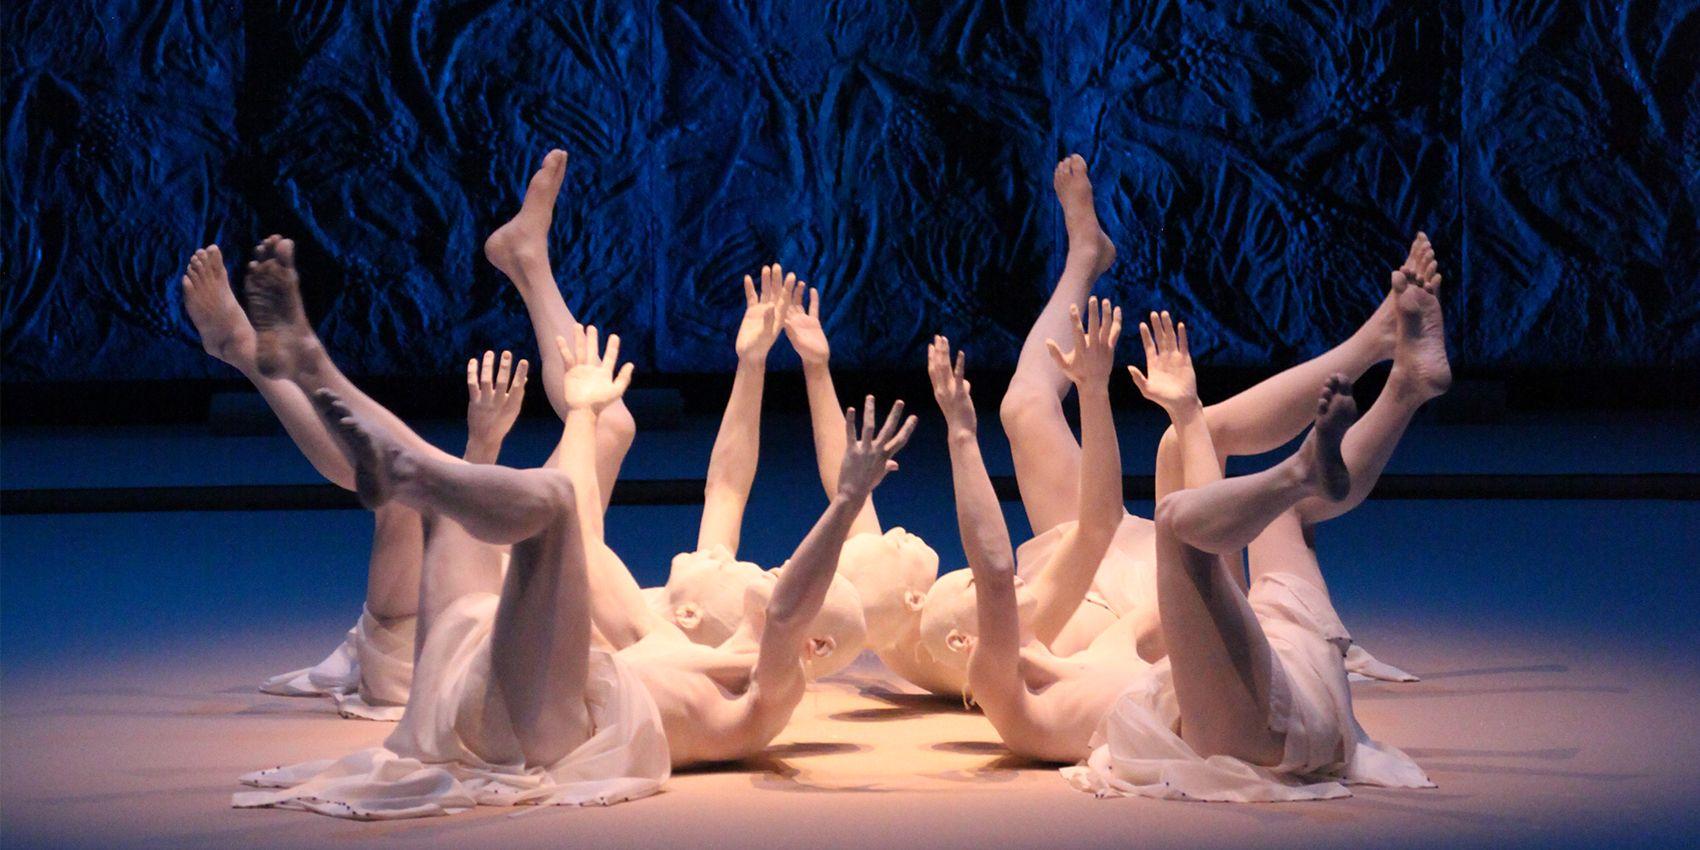 Scioccante e liberatoria: Buto, la danza giapponese delle tenebre